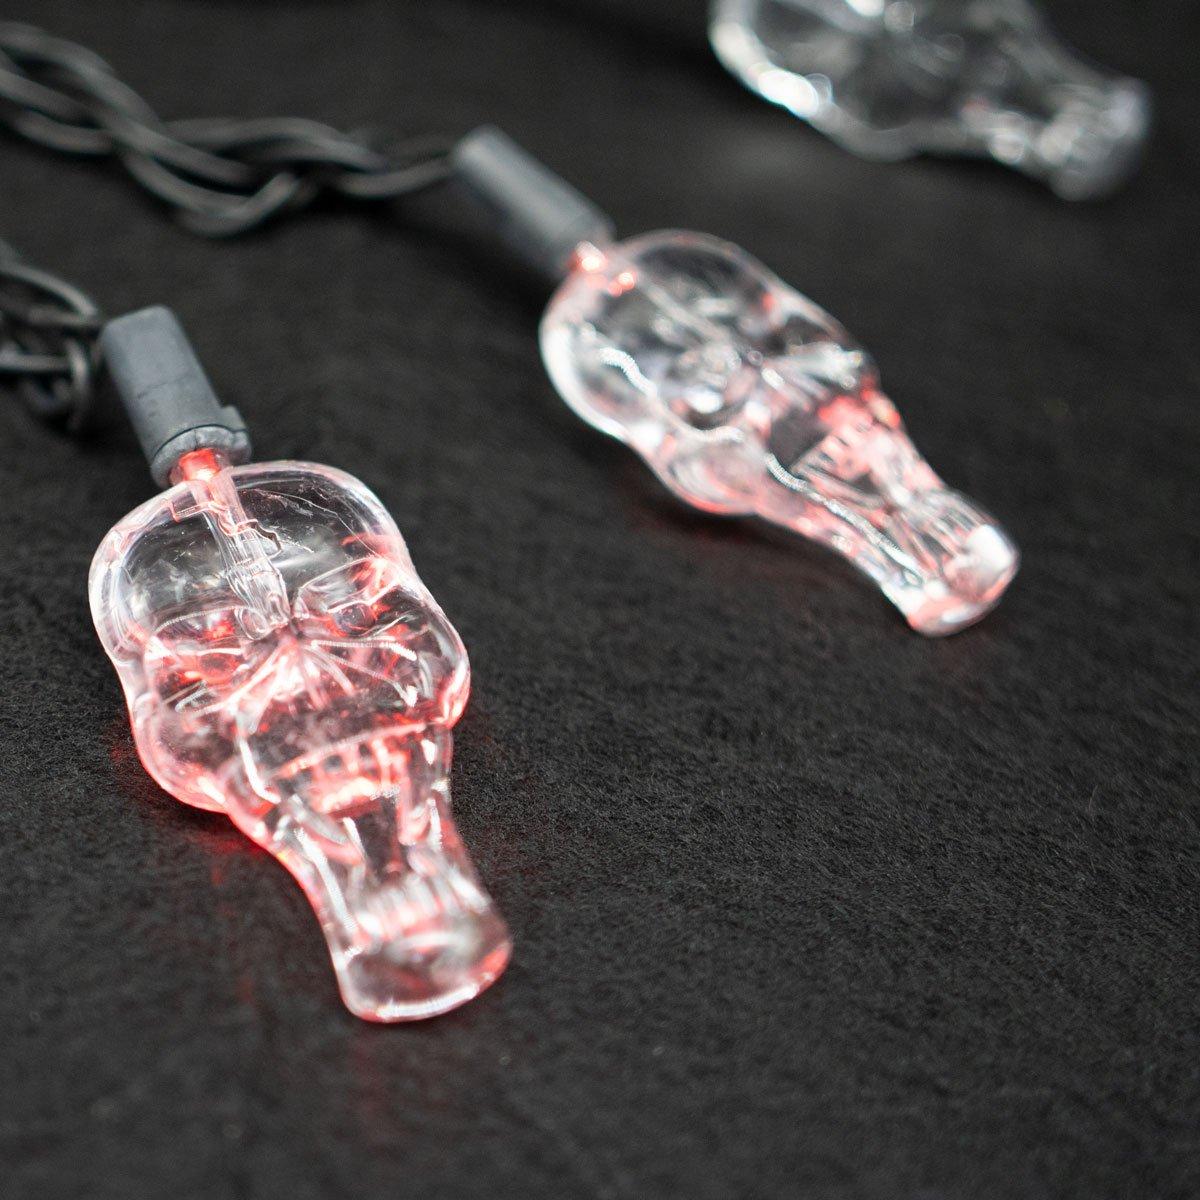 LED Red Skull Lights